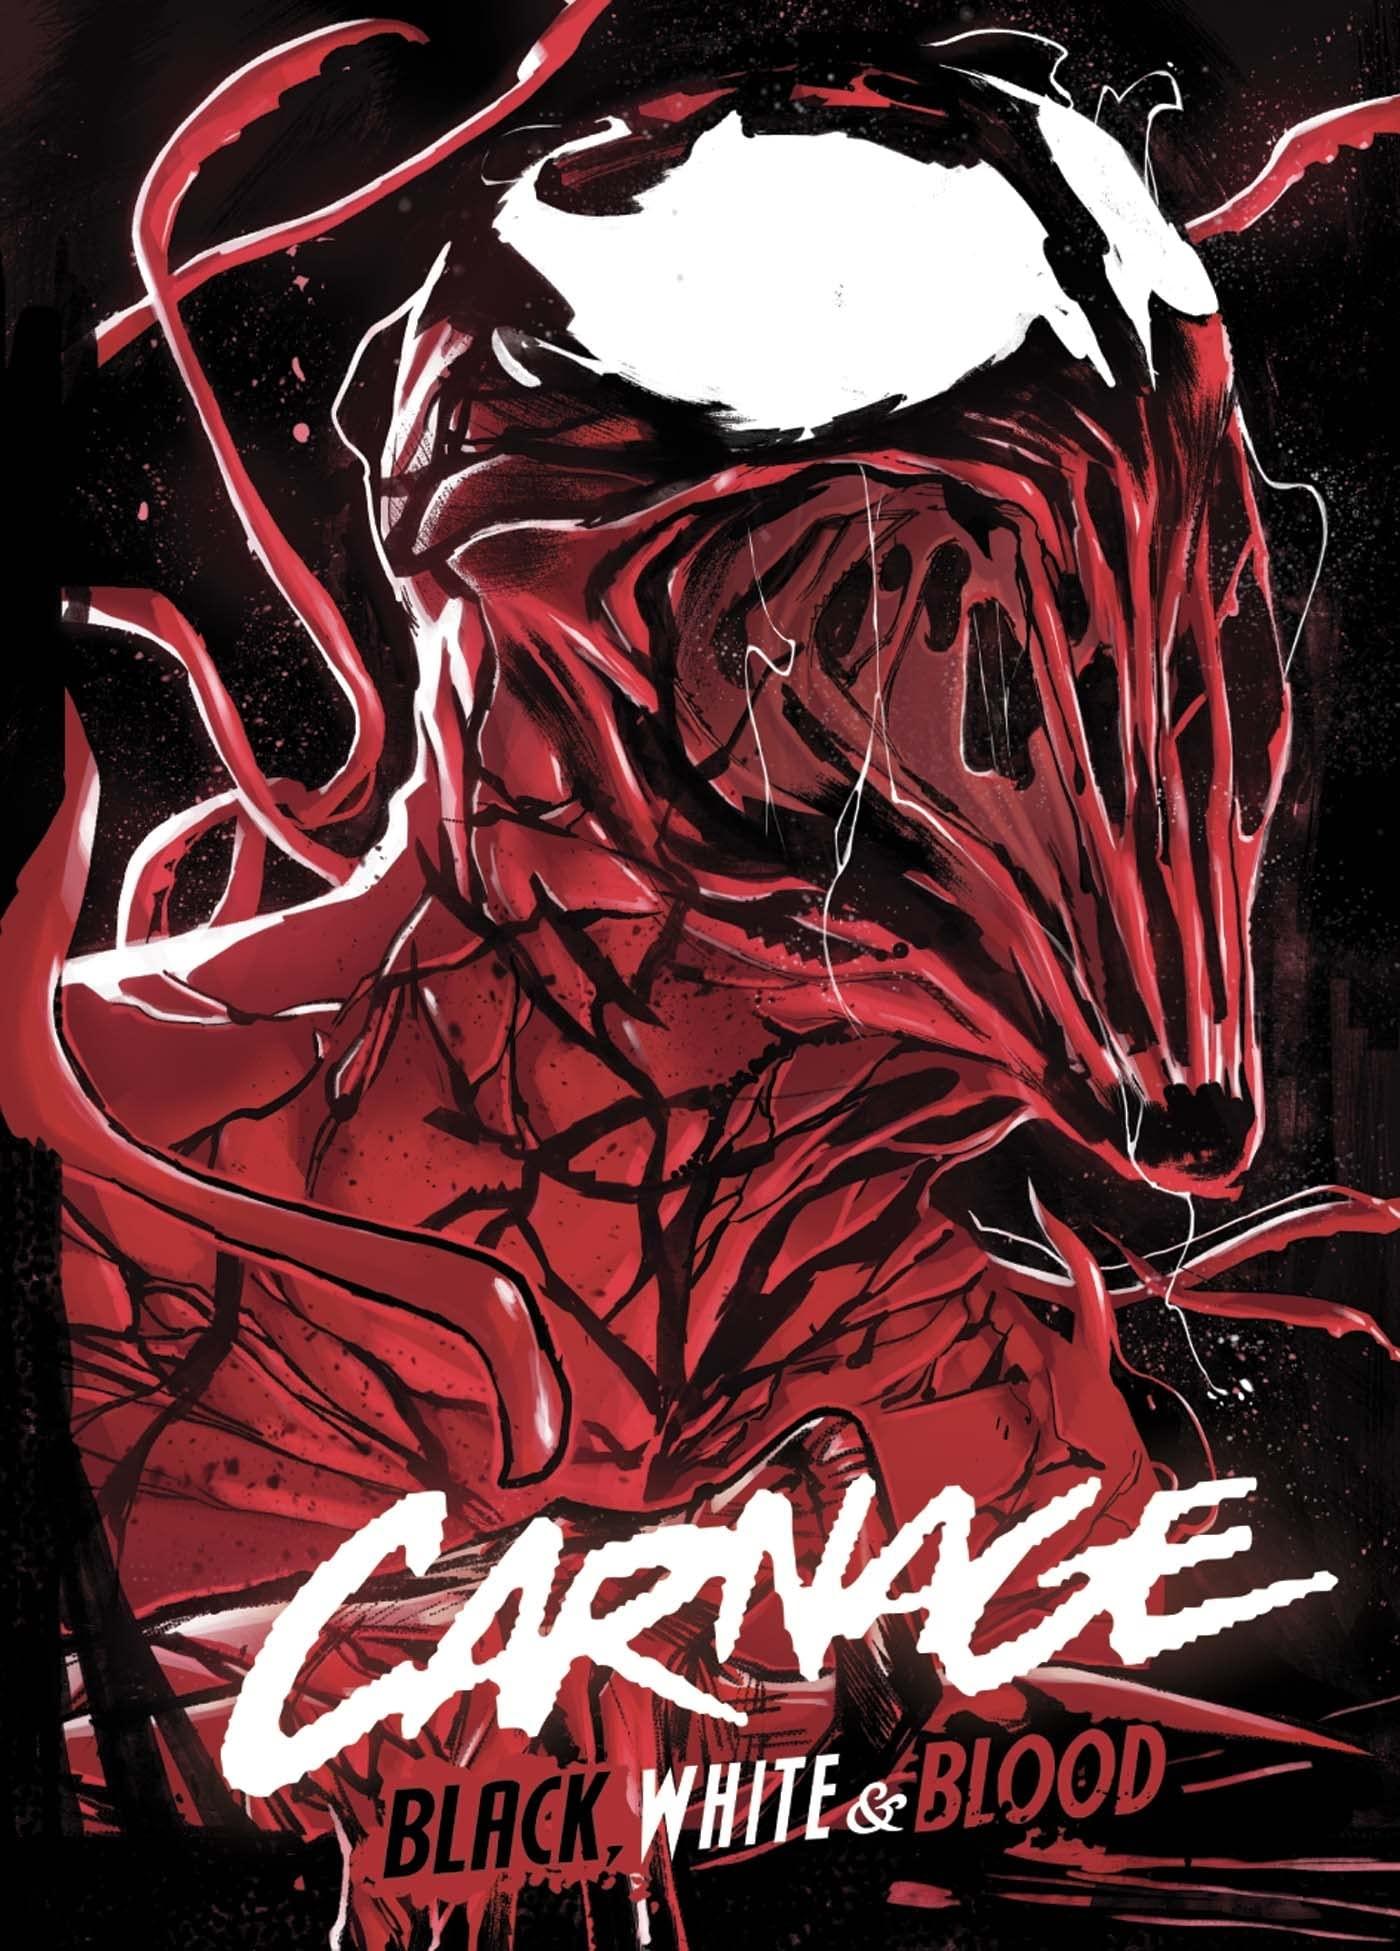 Carnage - Black white & blood 1